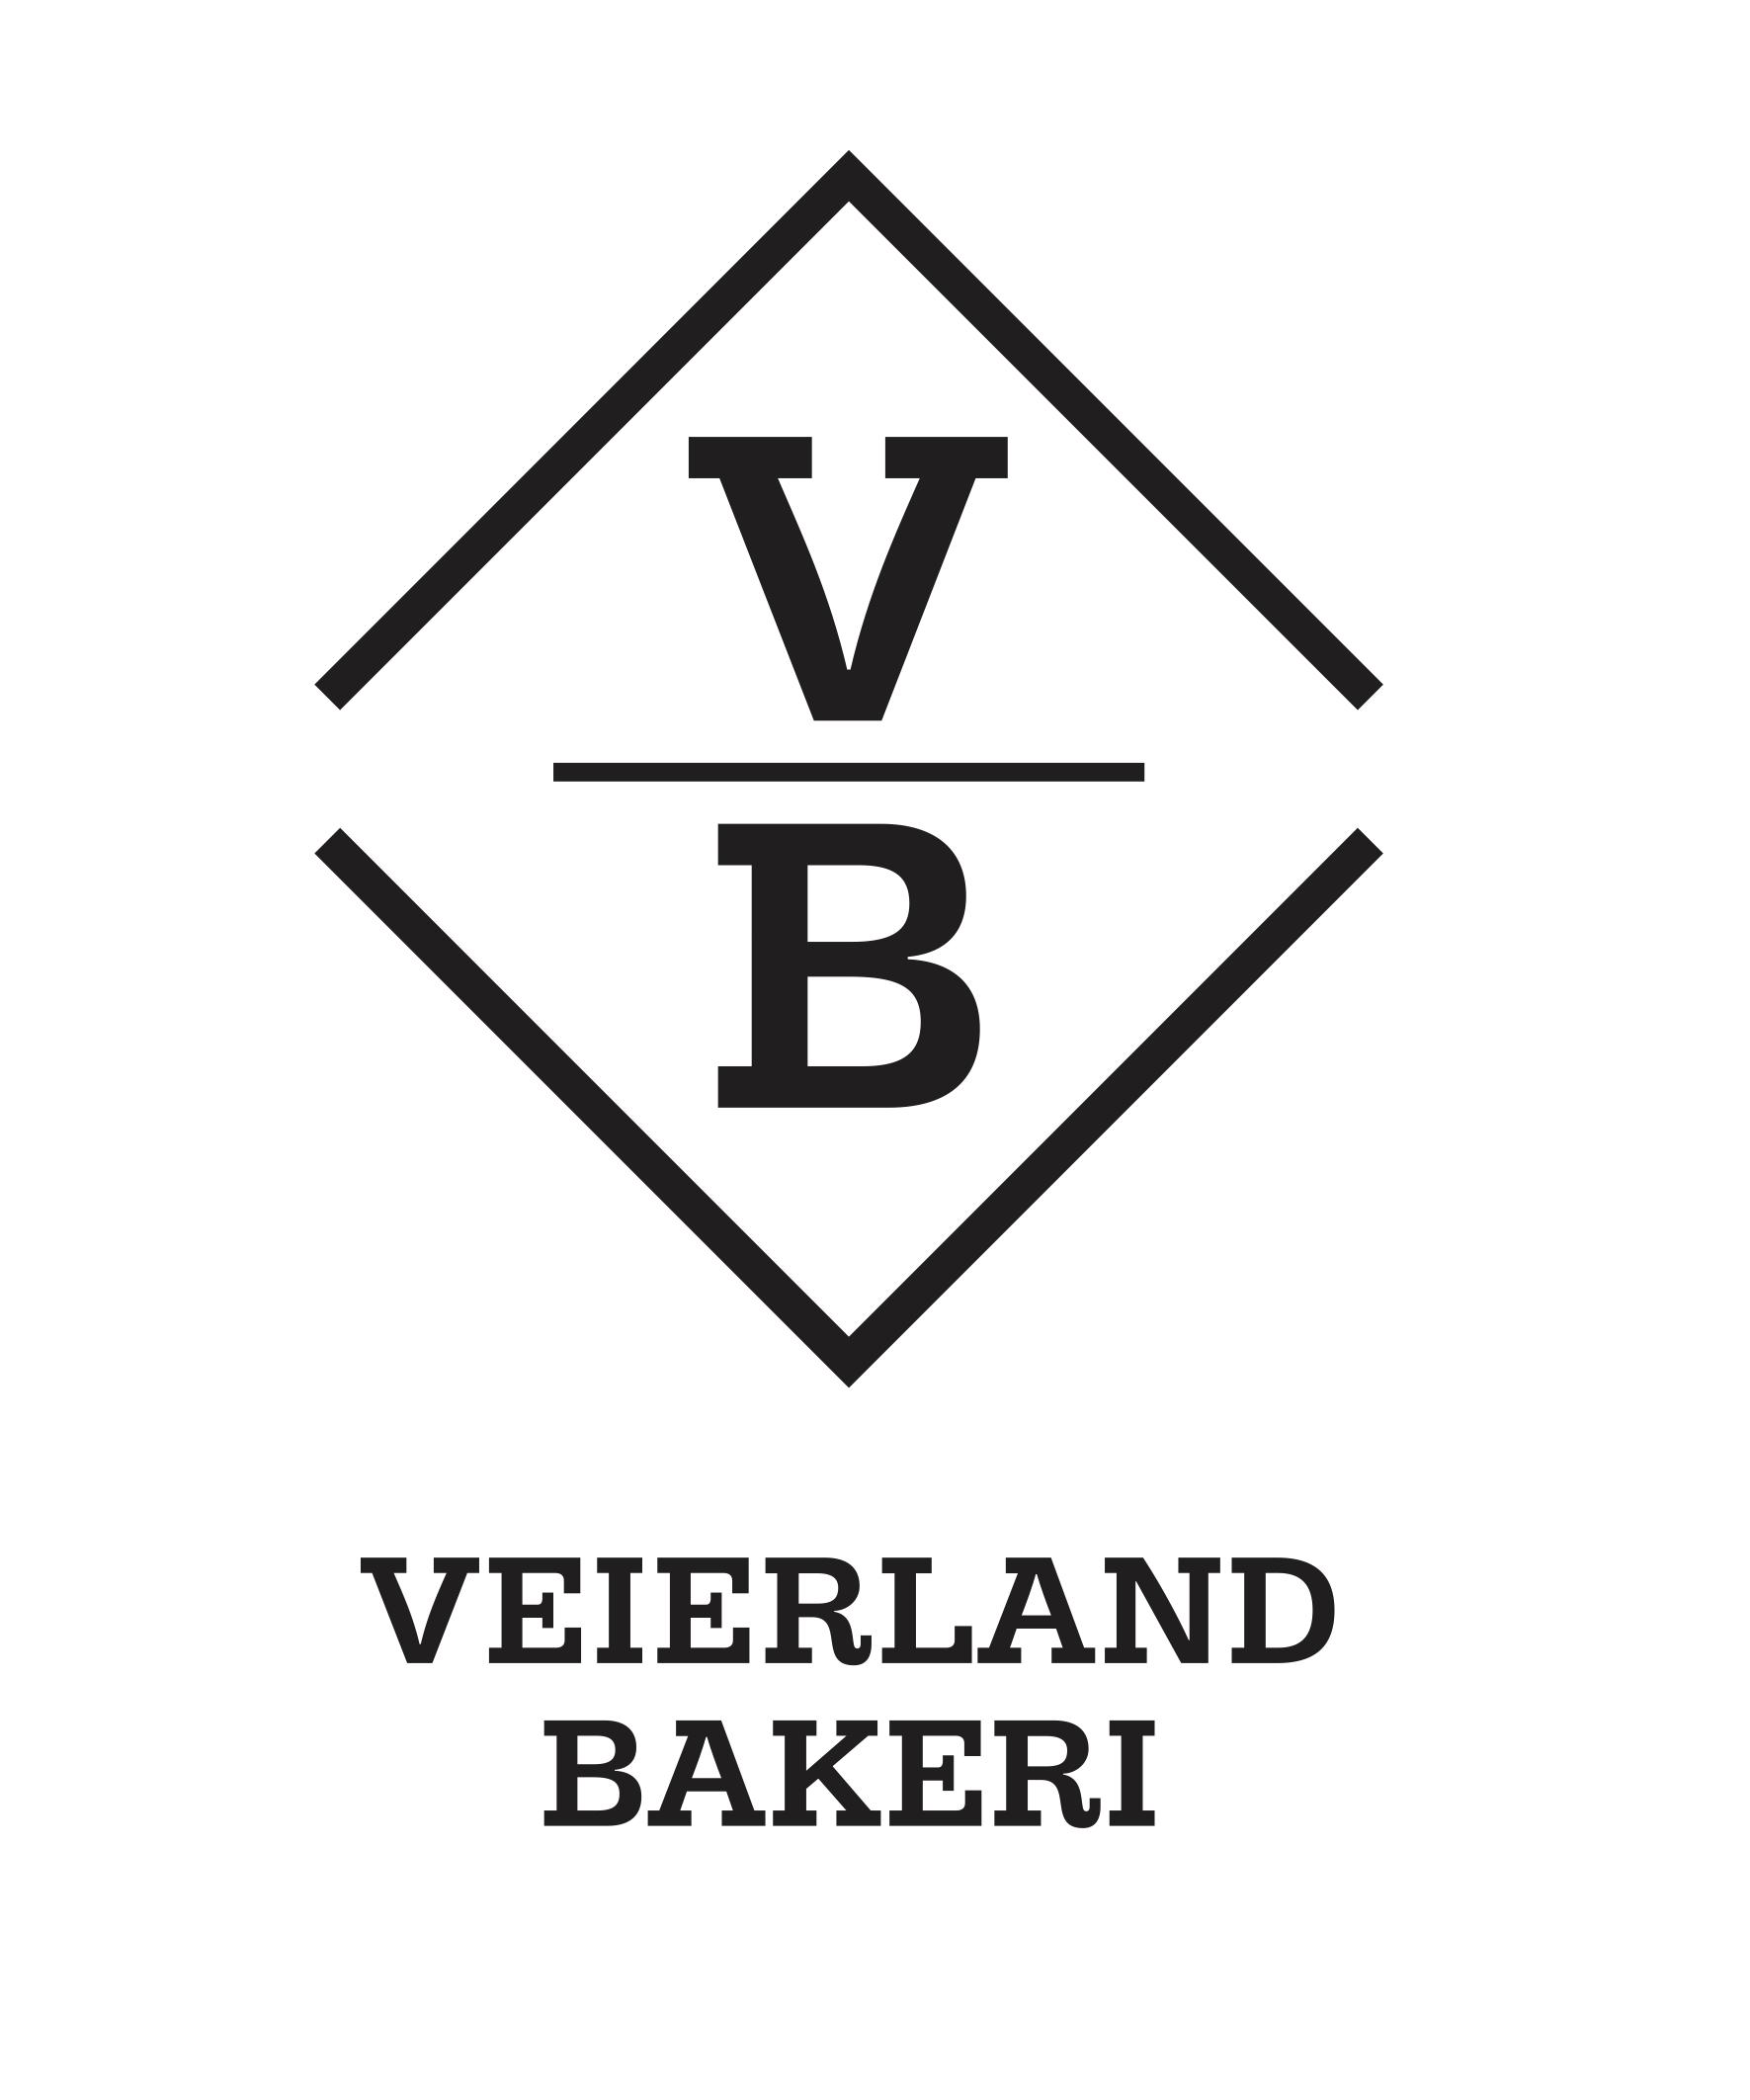 VB_logo_SS.jpg